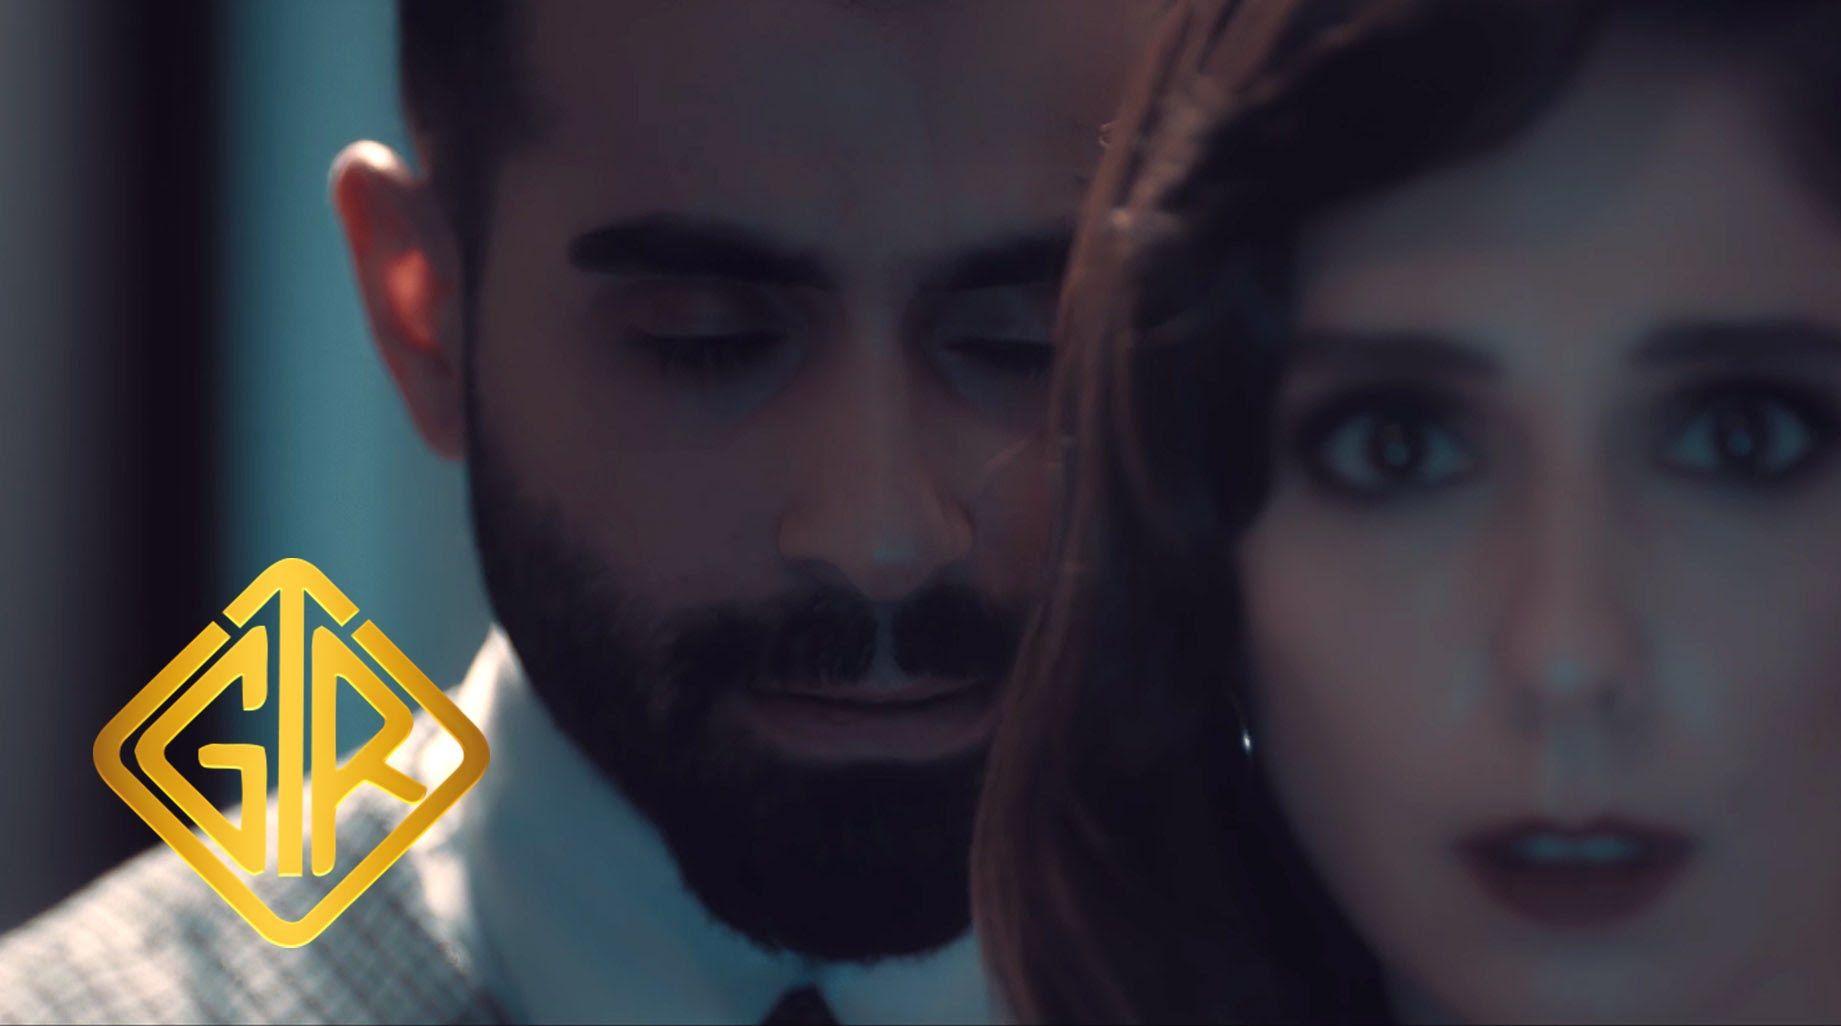 Korkak Official Video Asli Demirer Feat Gokhan Turkmen Sarkilar Muzik Videolar